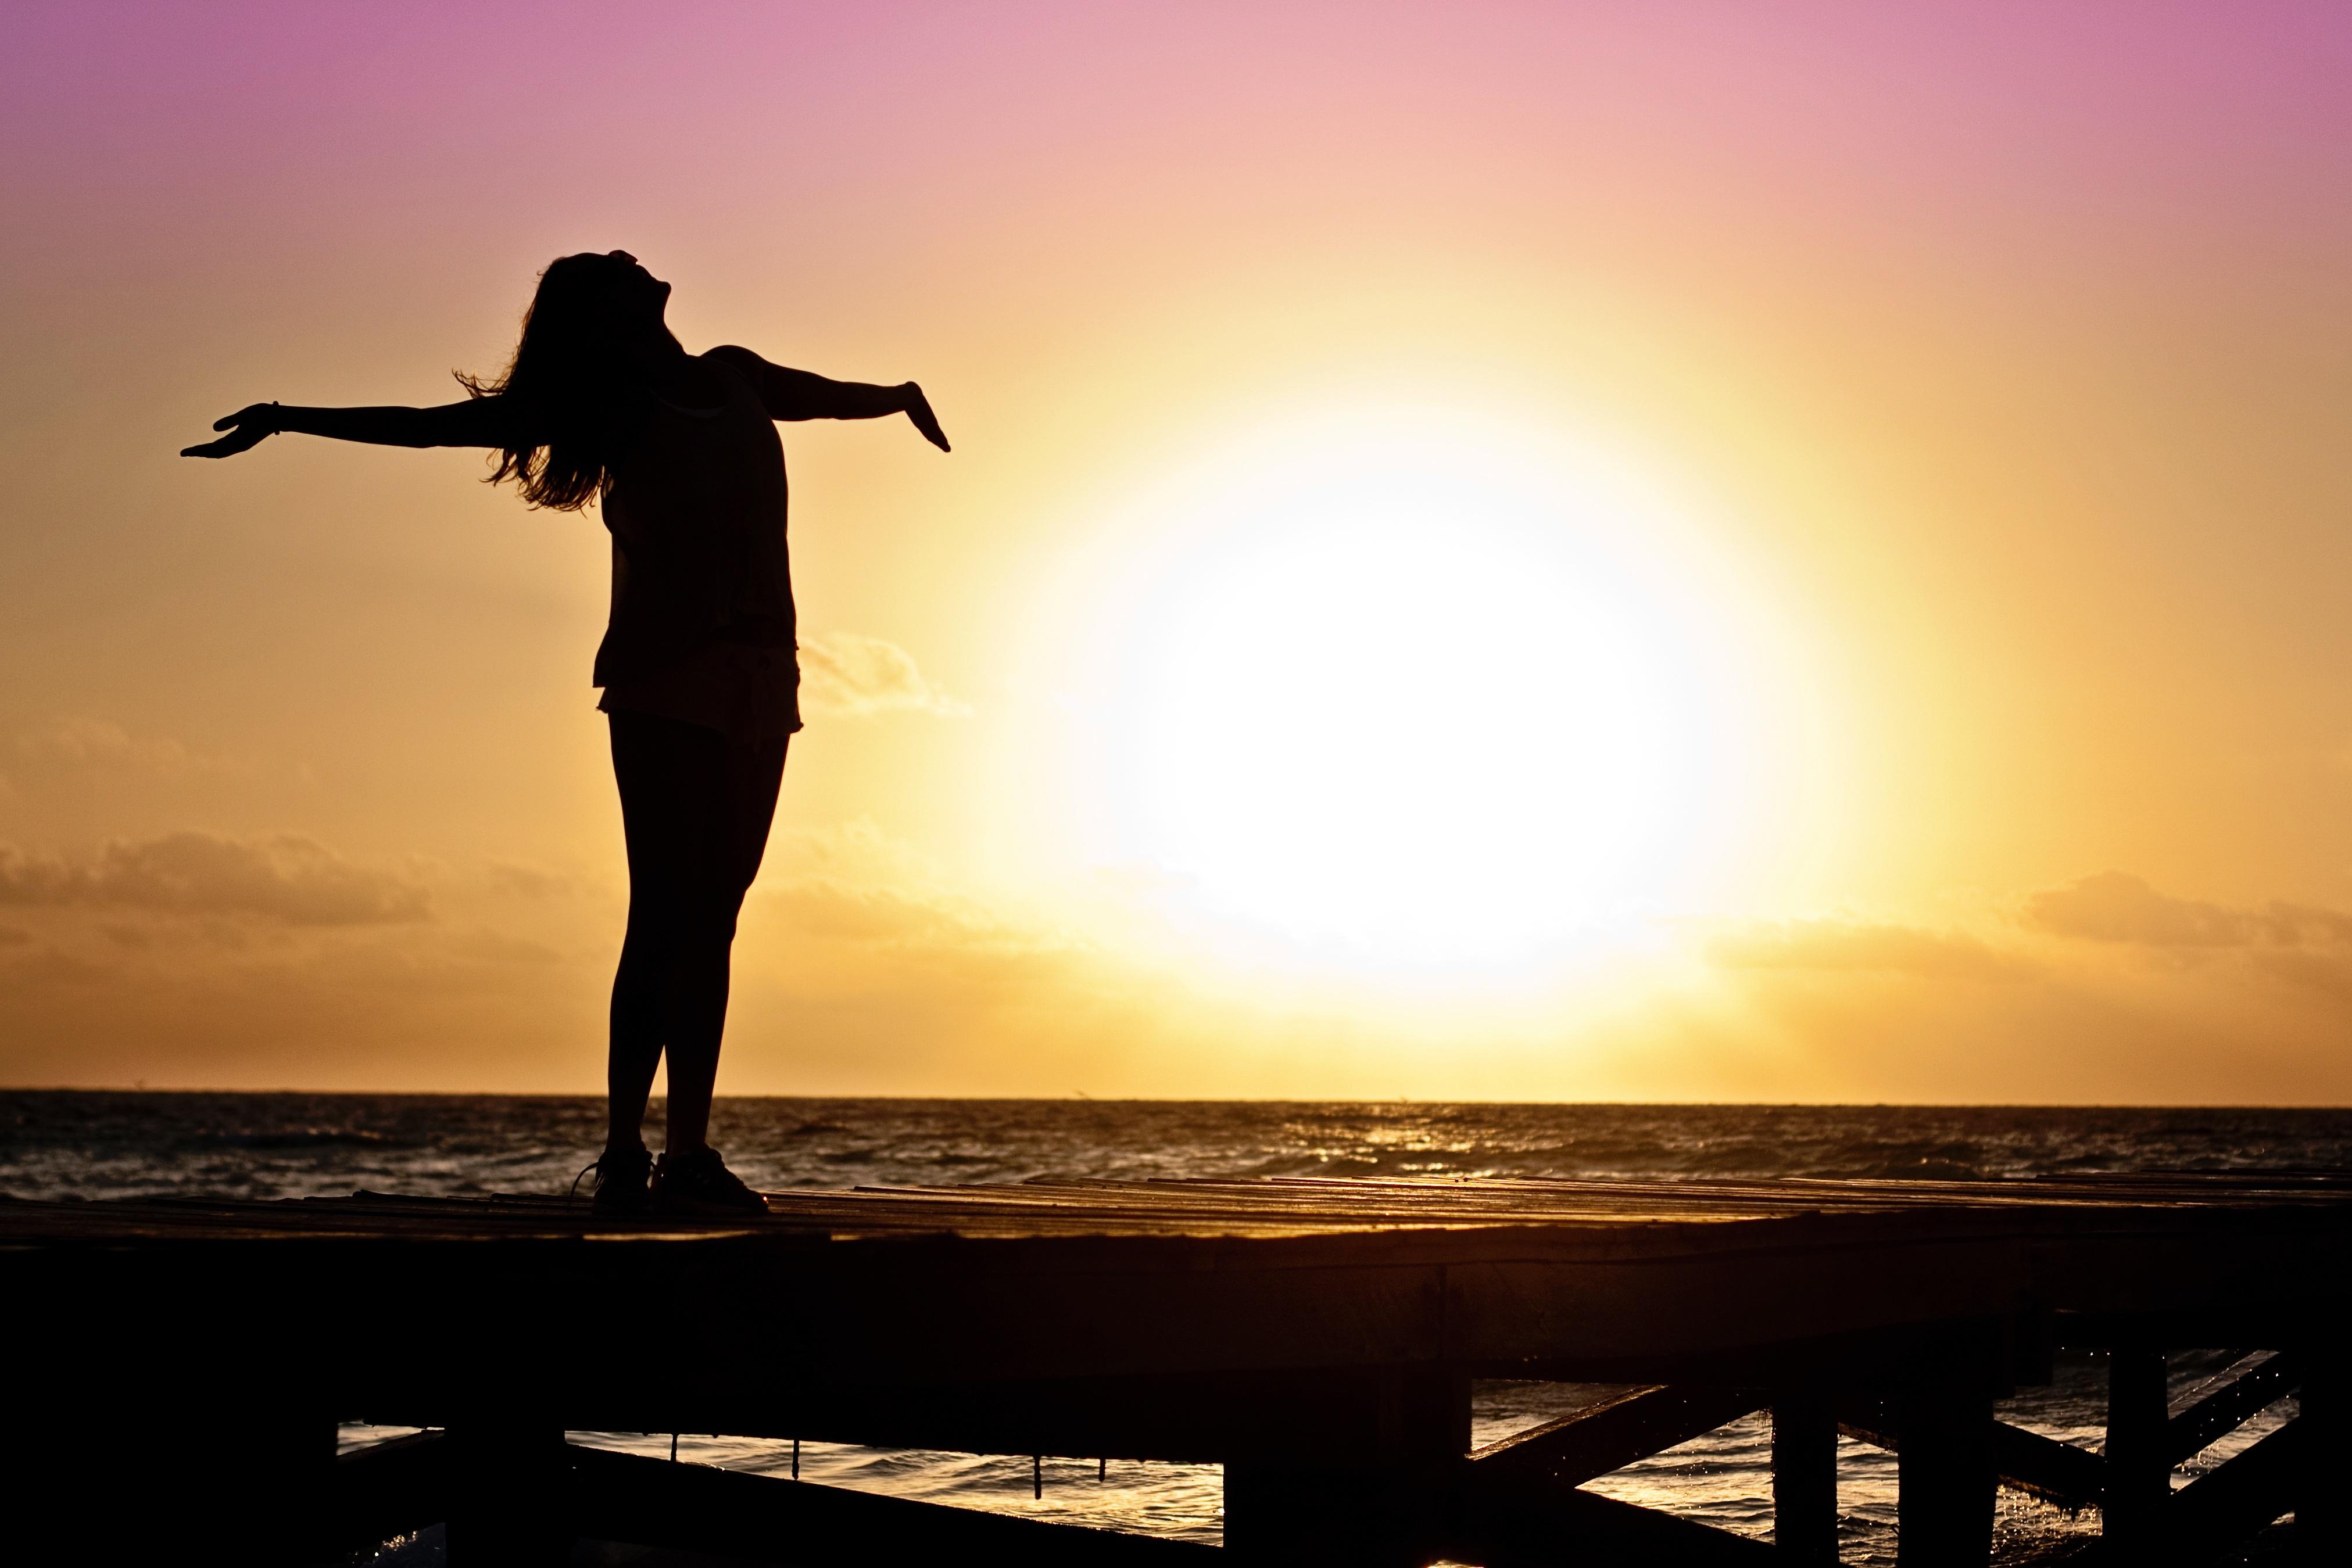 Befreie Dich. Lebe erfüllt. Genieße das Leben.